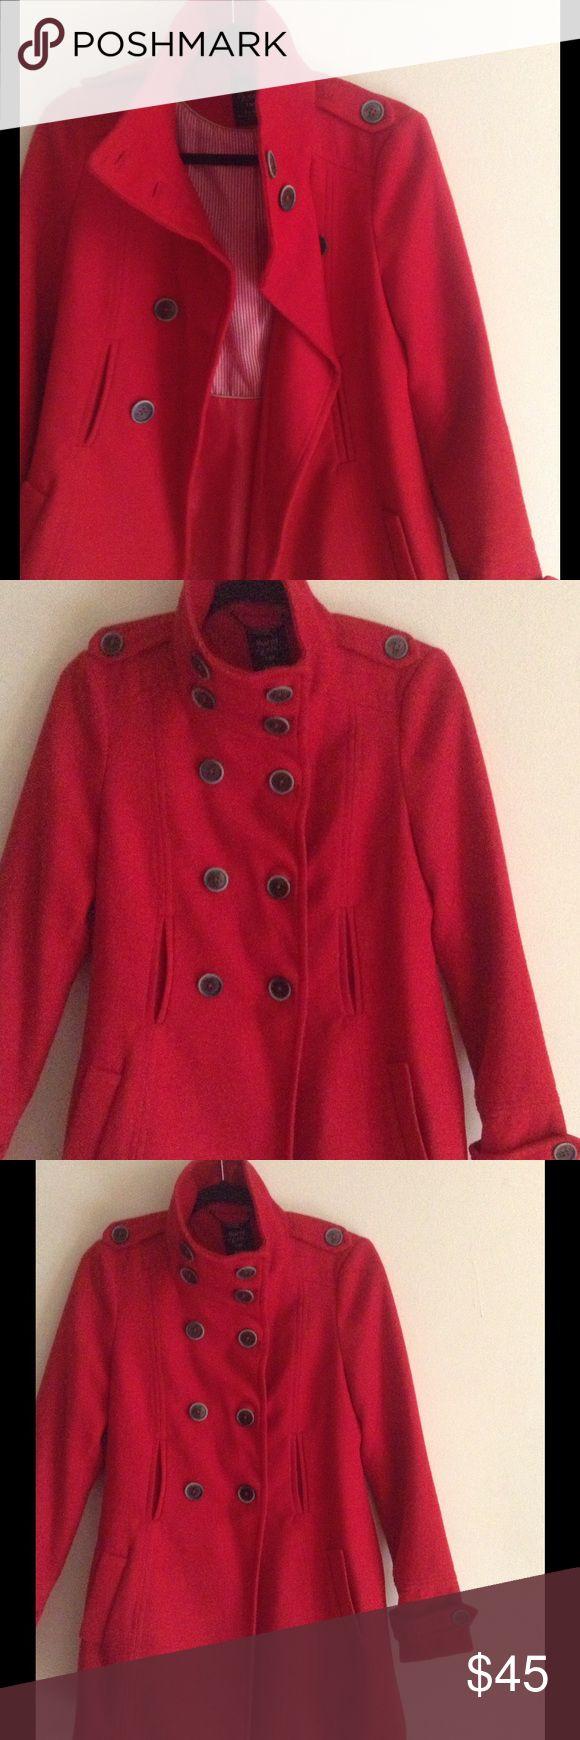 Zara Winter Coat Zara Winter Coat- No Flaws-Excellent condition! Zara Jackets & Coats